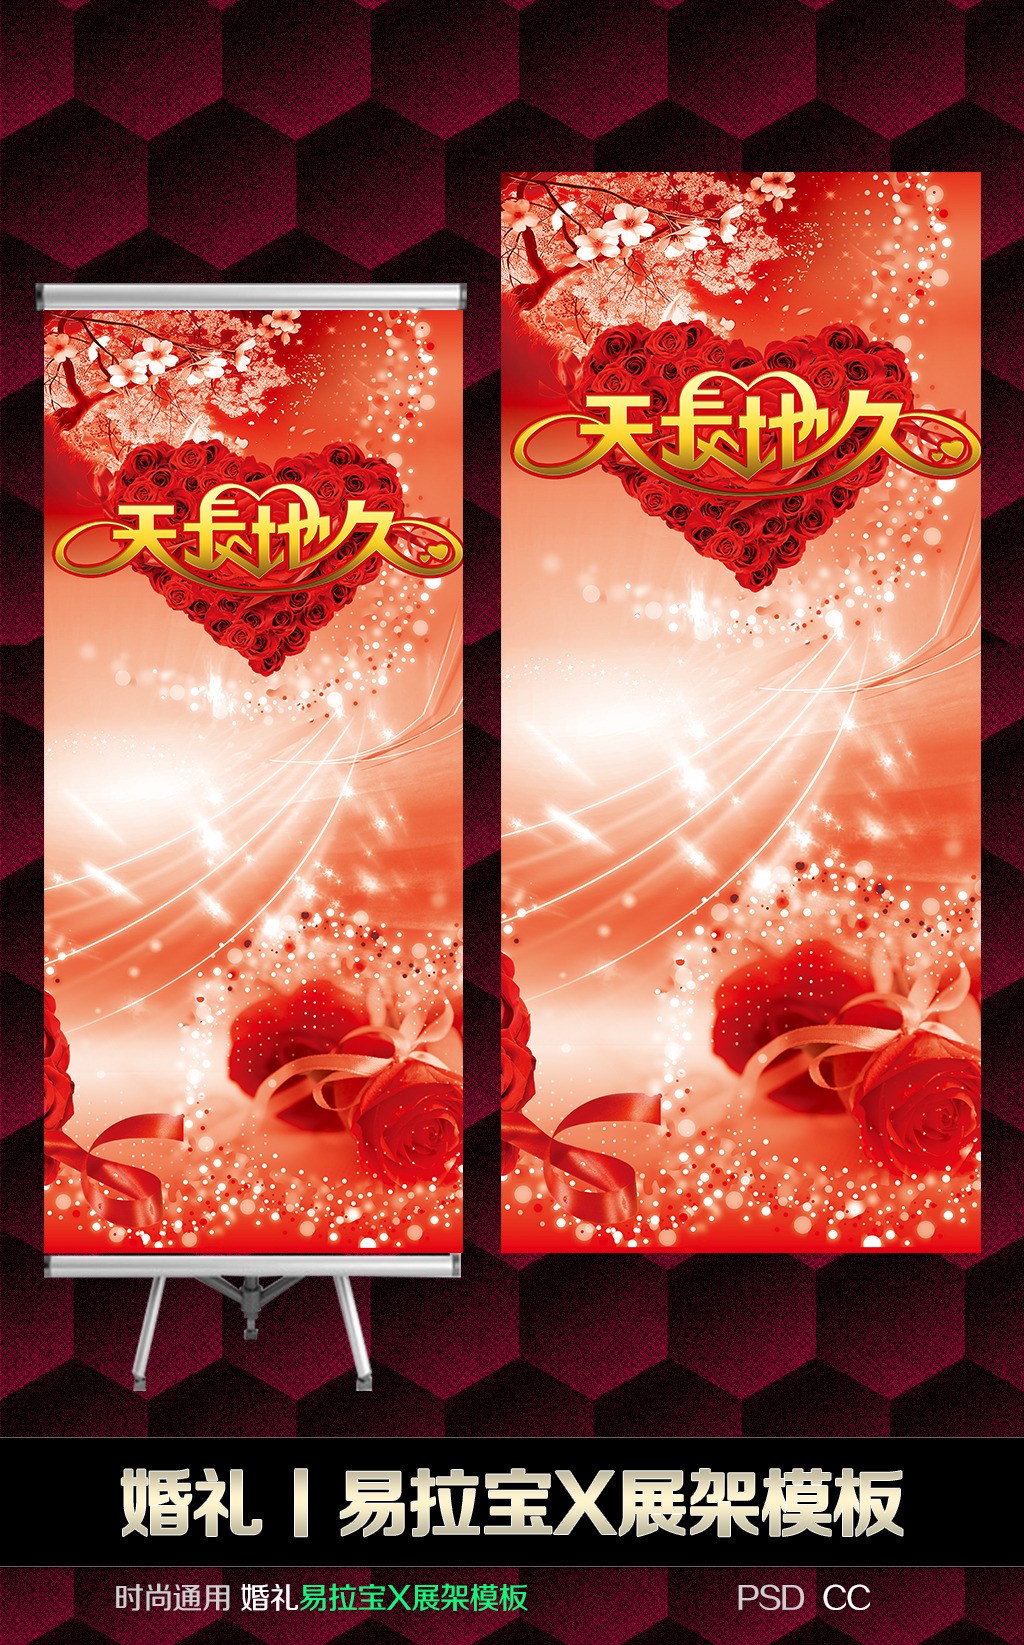 浪漫通用婚庆婚礼x展架易拉宝模板